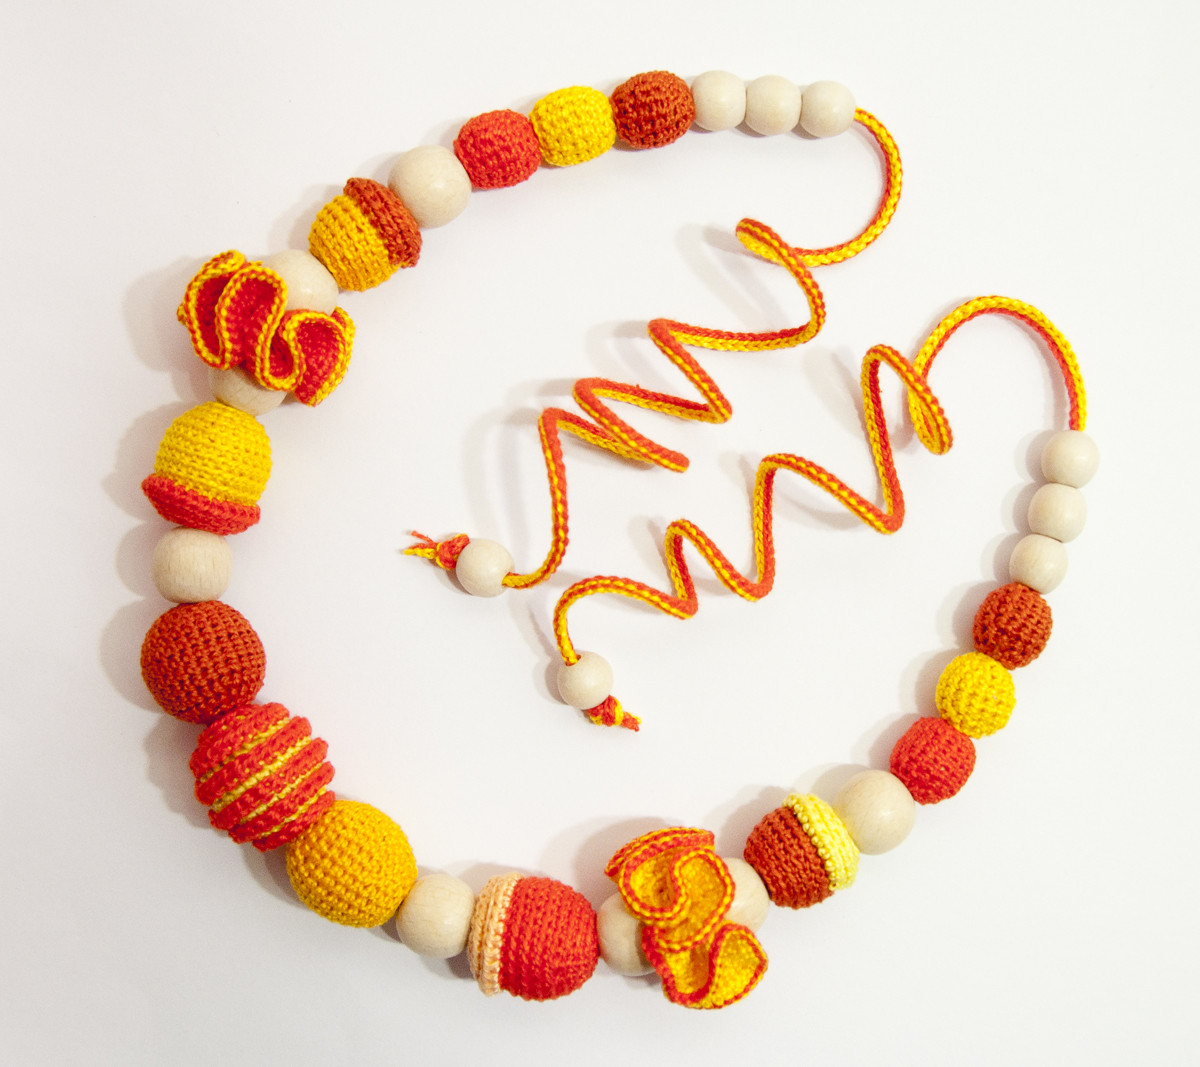 """Слингобусы Ярмирина """"Апельсинки Цветы"""" с рельефными бусинами, буковые, коллекционные"""